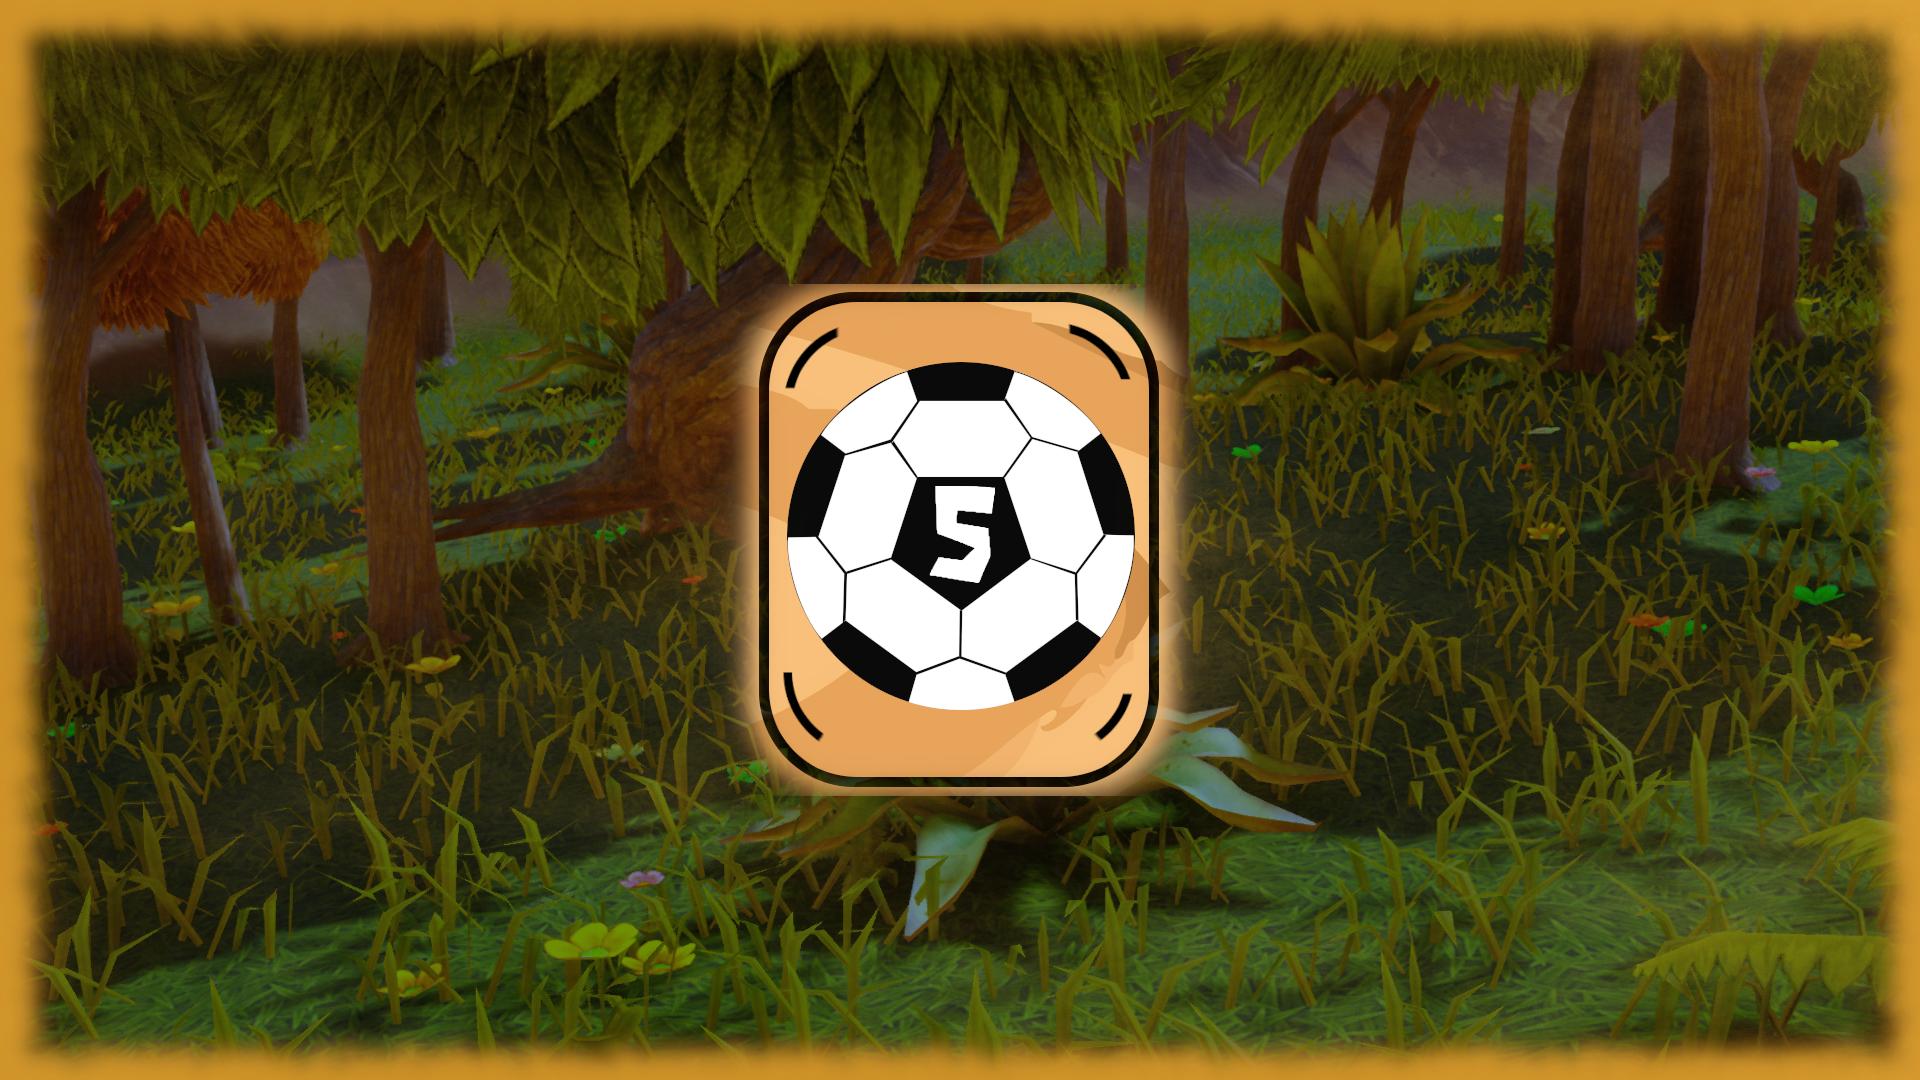 Icon for Footballer - 2